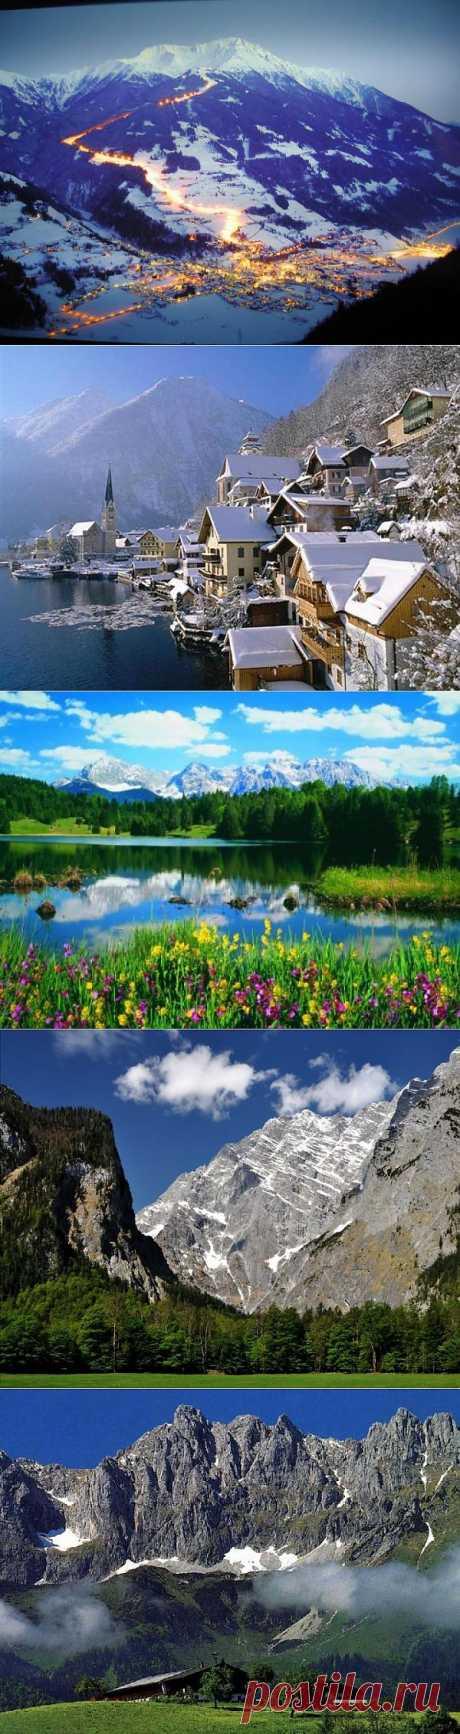 (+1) - Сказочная красота Австрии! | УДИВИТЕЛЬНОЕ